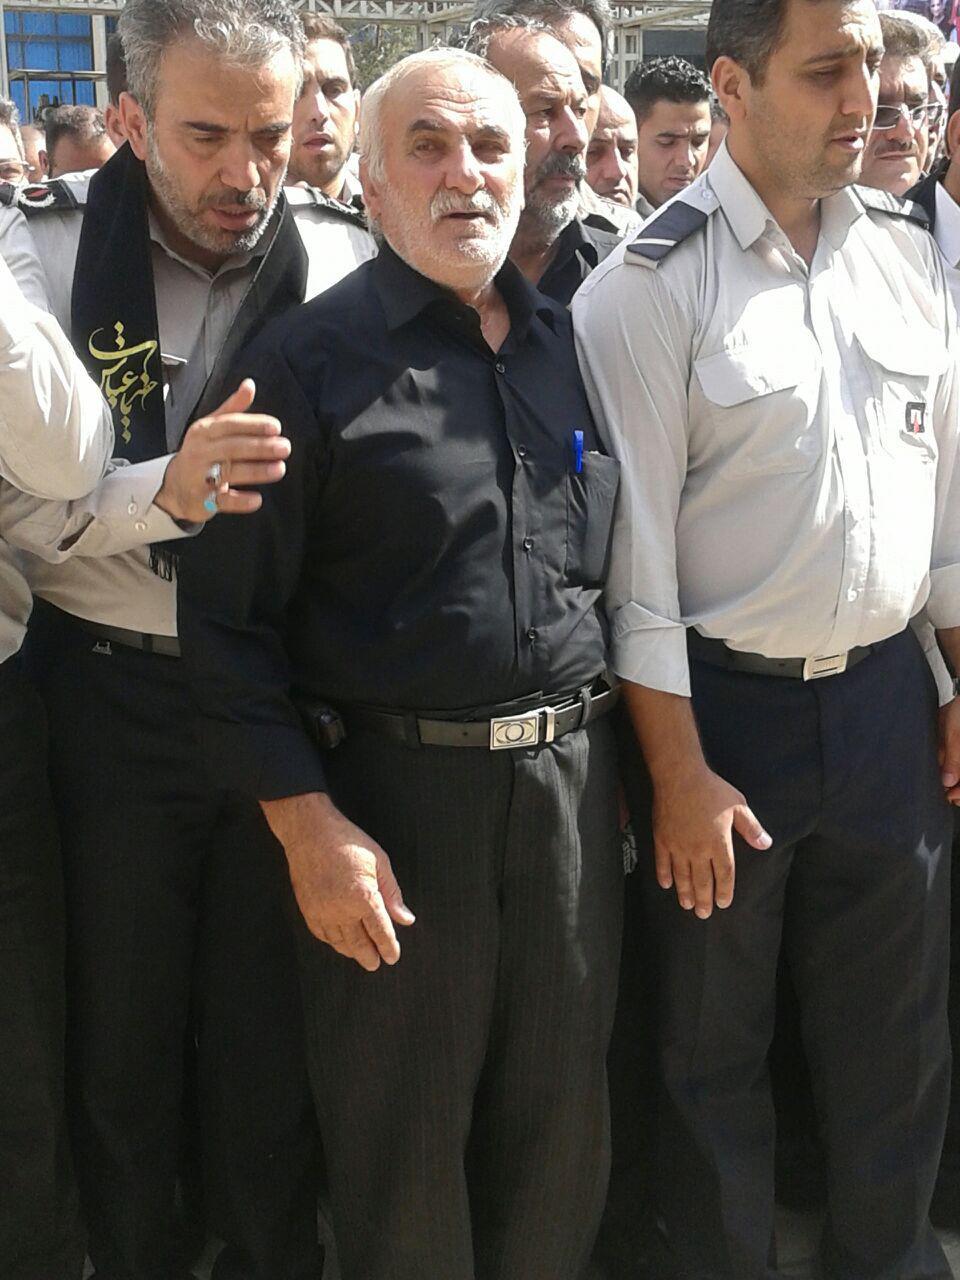 تصویر پدر شهید قانع در حال برگزاری نماز میت: